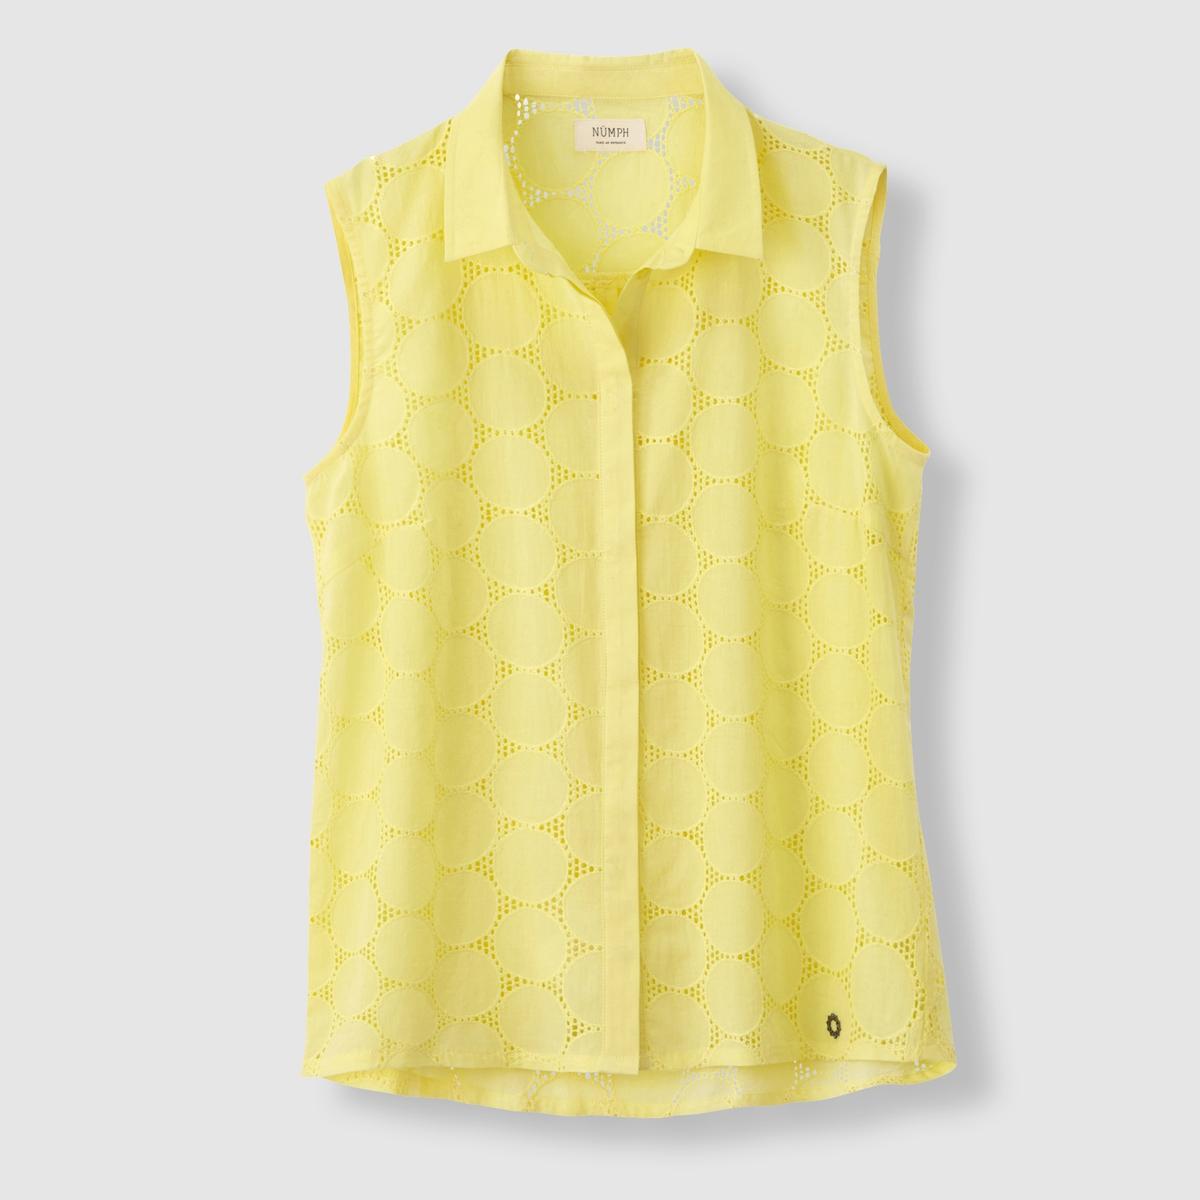 Блузка без рукавов, 100% хлопка, NUMPH, Kazou shirtСостав и описаниеМатериал: 100% хлопка.Марка: NUMPH.<br><br>Цвет: желтый